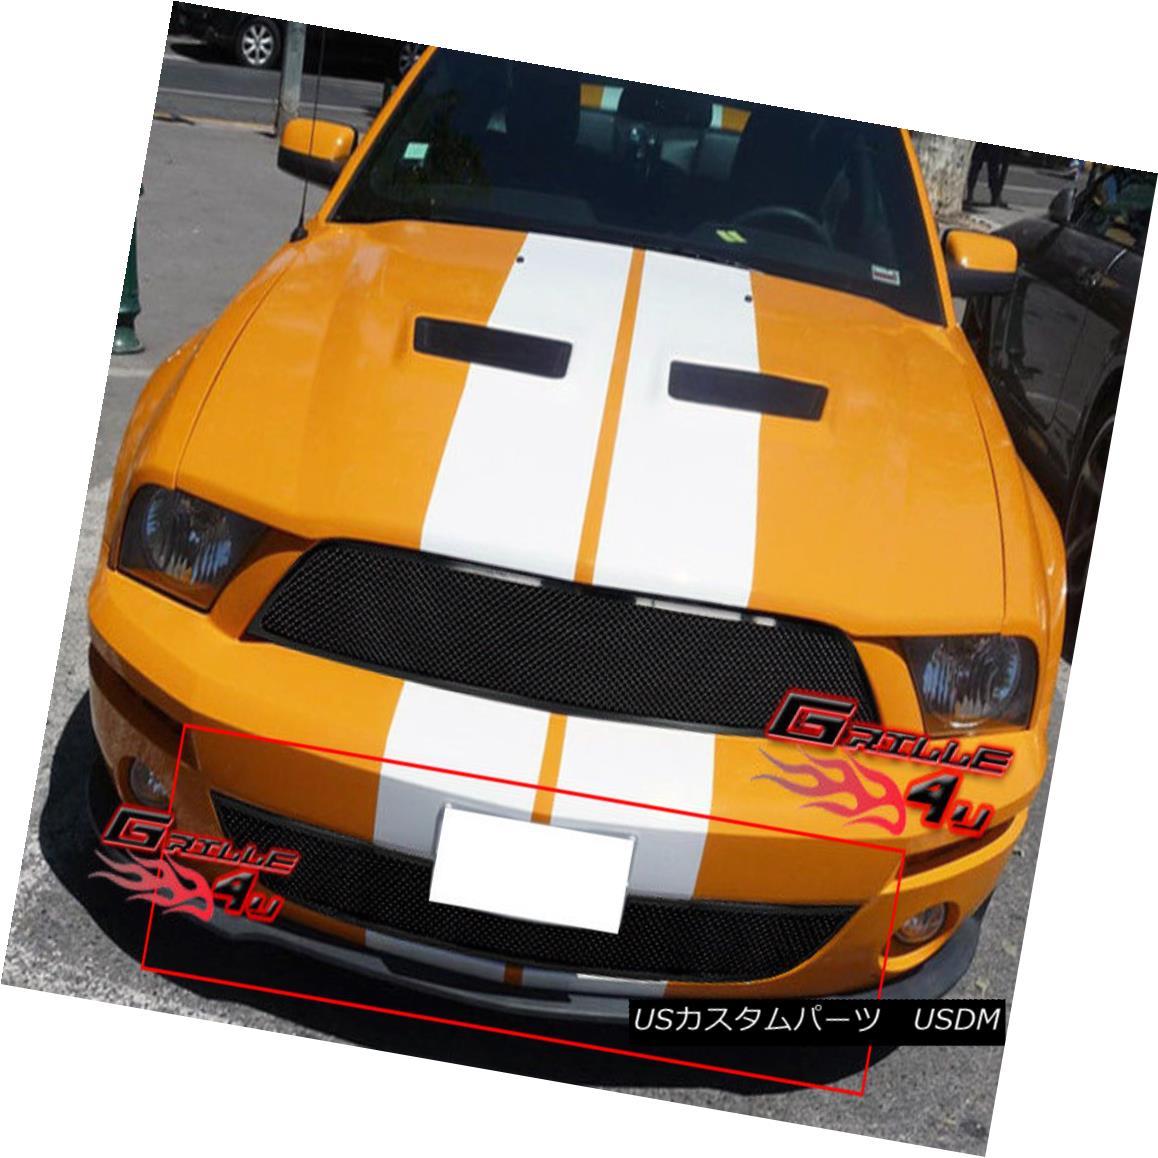 グリル For 07-09 Ford Shelby Bumper Black Mesh Stainless Grille 07-09フォードシェルビーバンパーブラックメッシュステンレスグリル